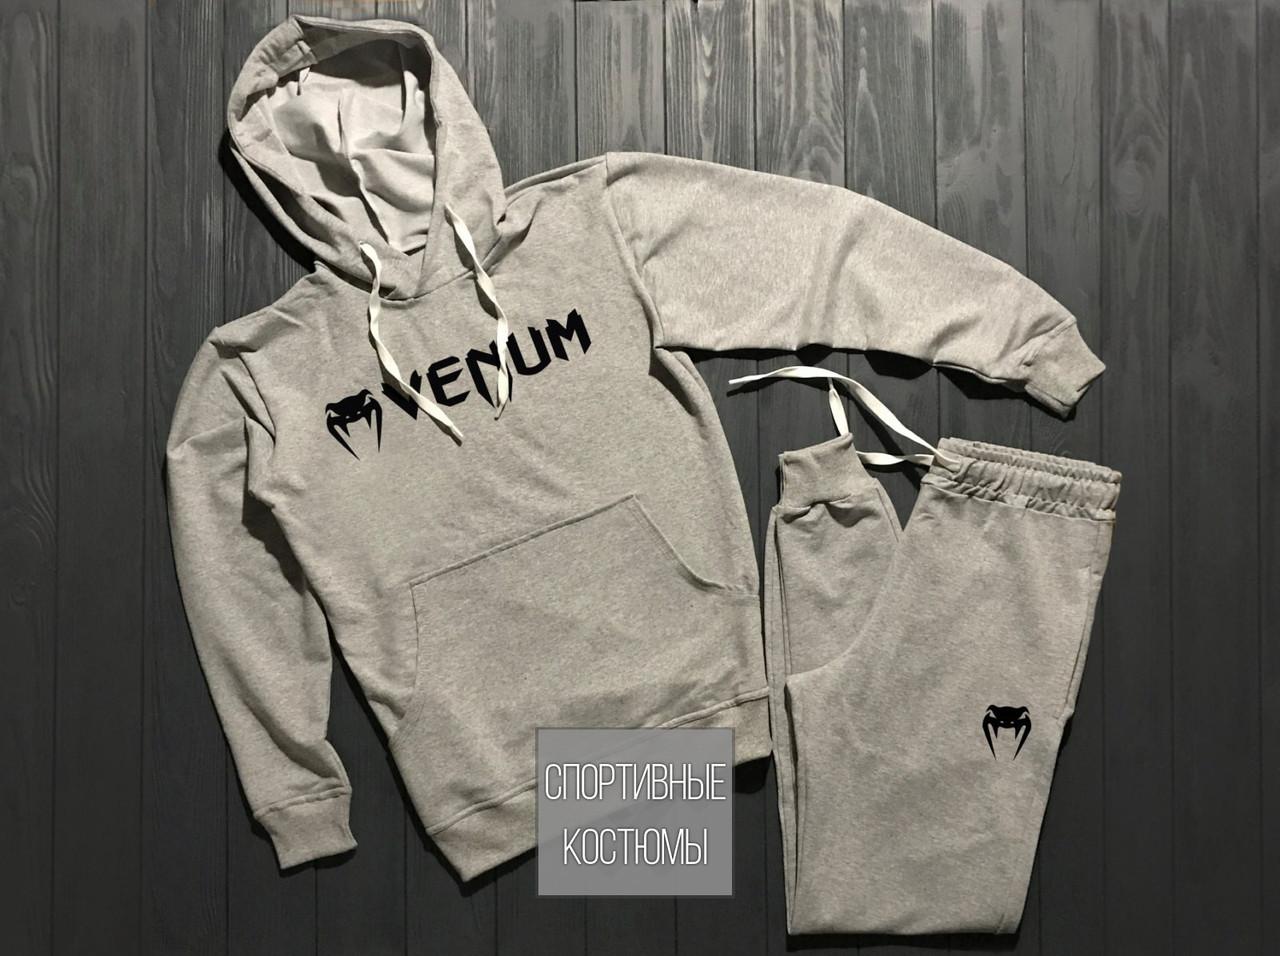 Мужской спортивный костюм Venum, Венум, серый (в стиле)